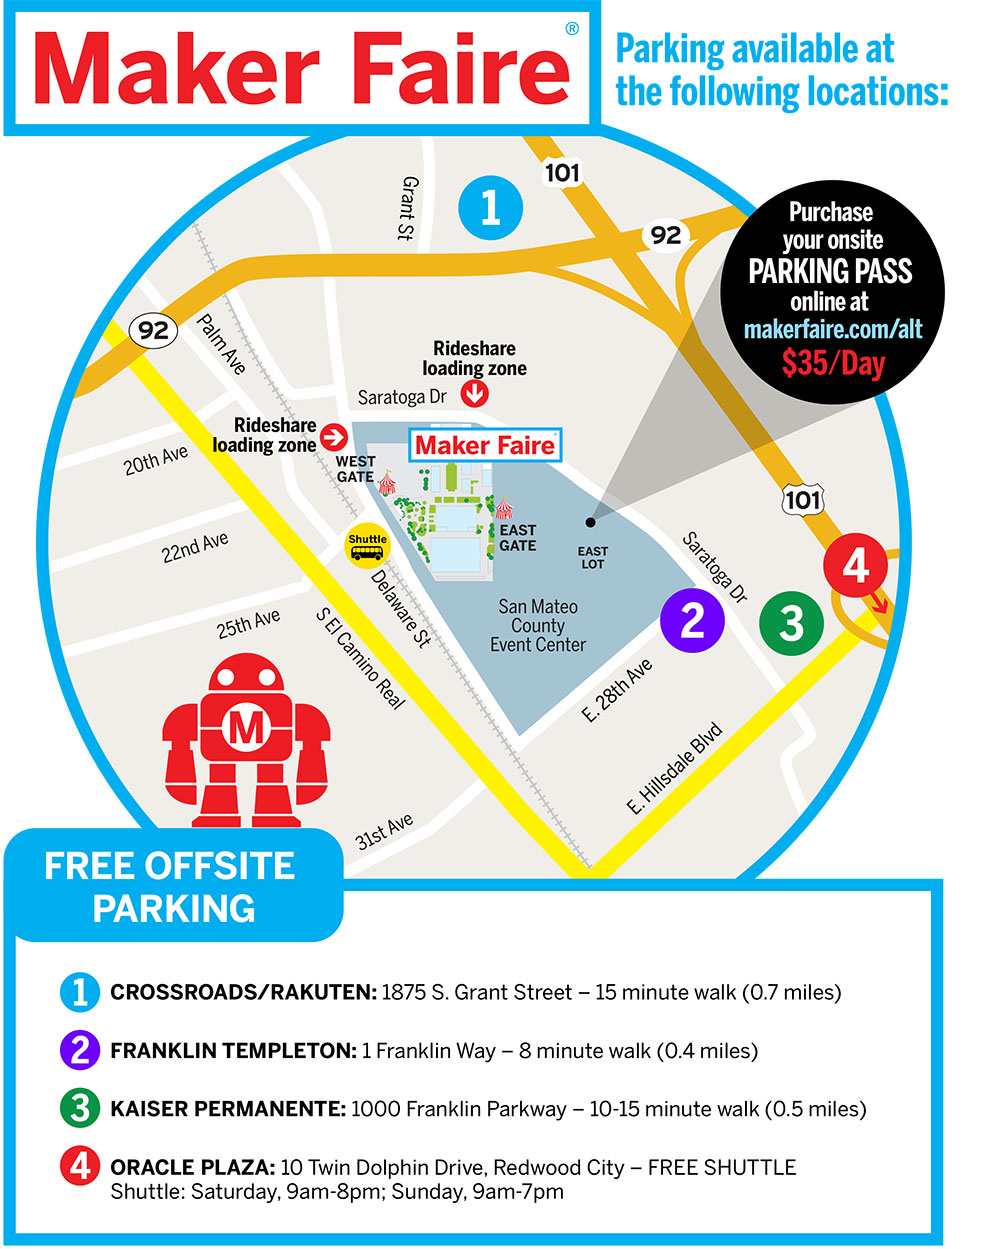 Maker Faire 2019 Parking Map